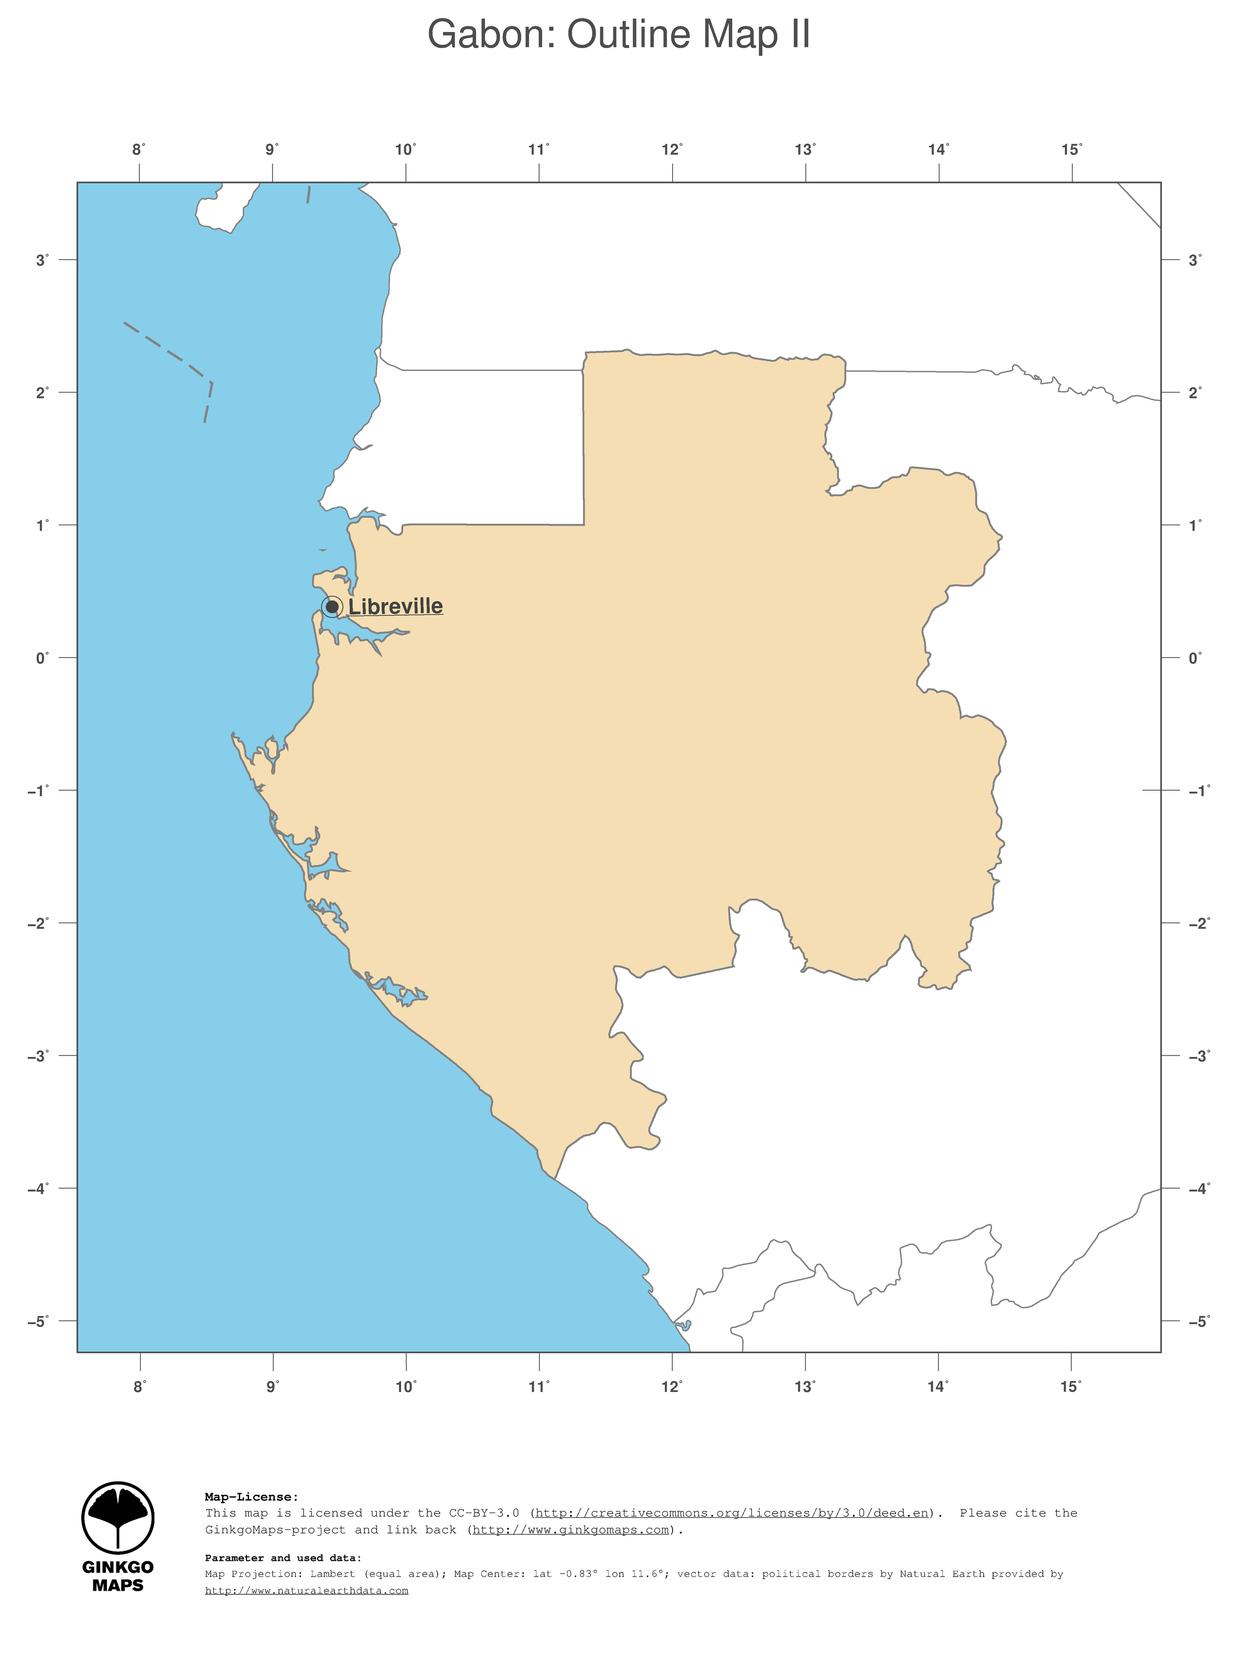 Map Gabon GinkgoMaps continent Africa region Gabon